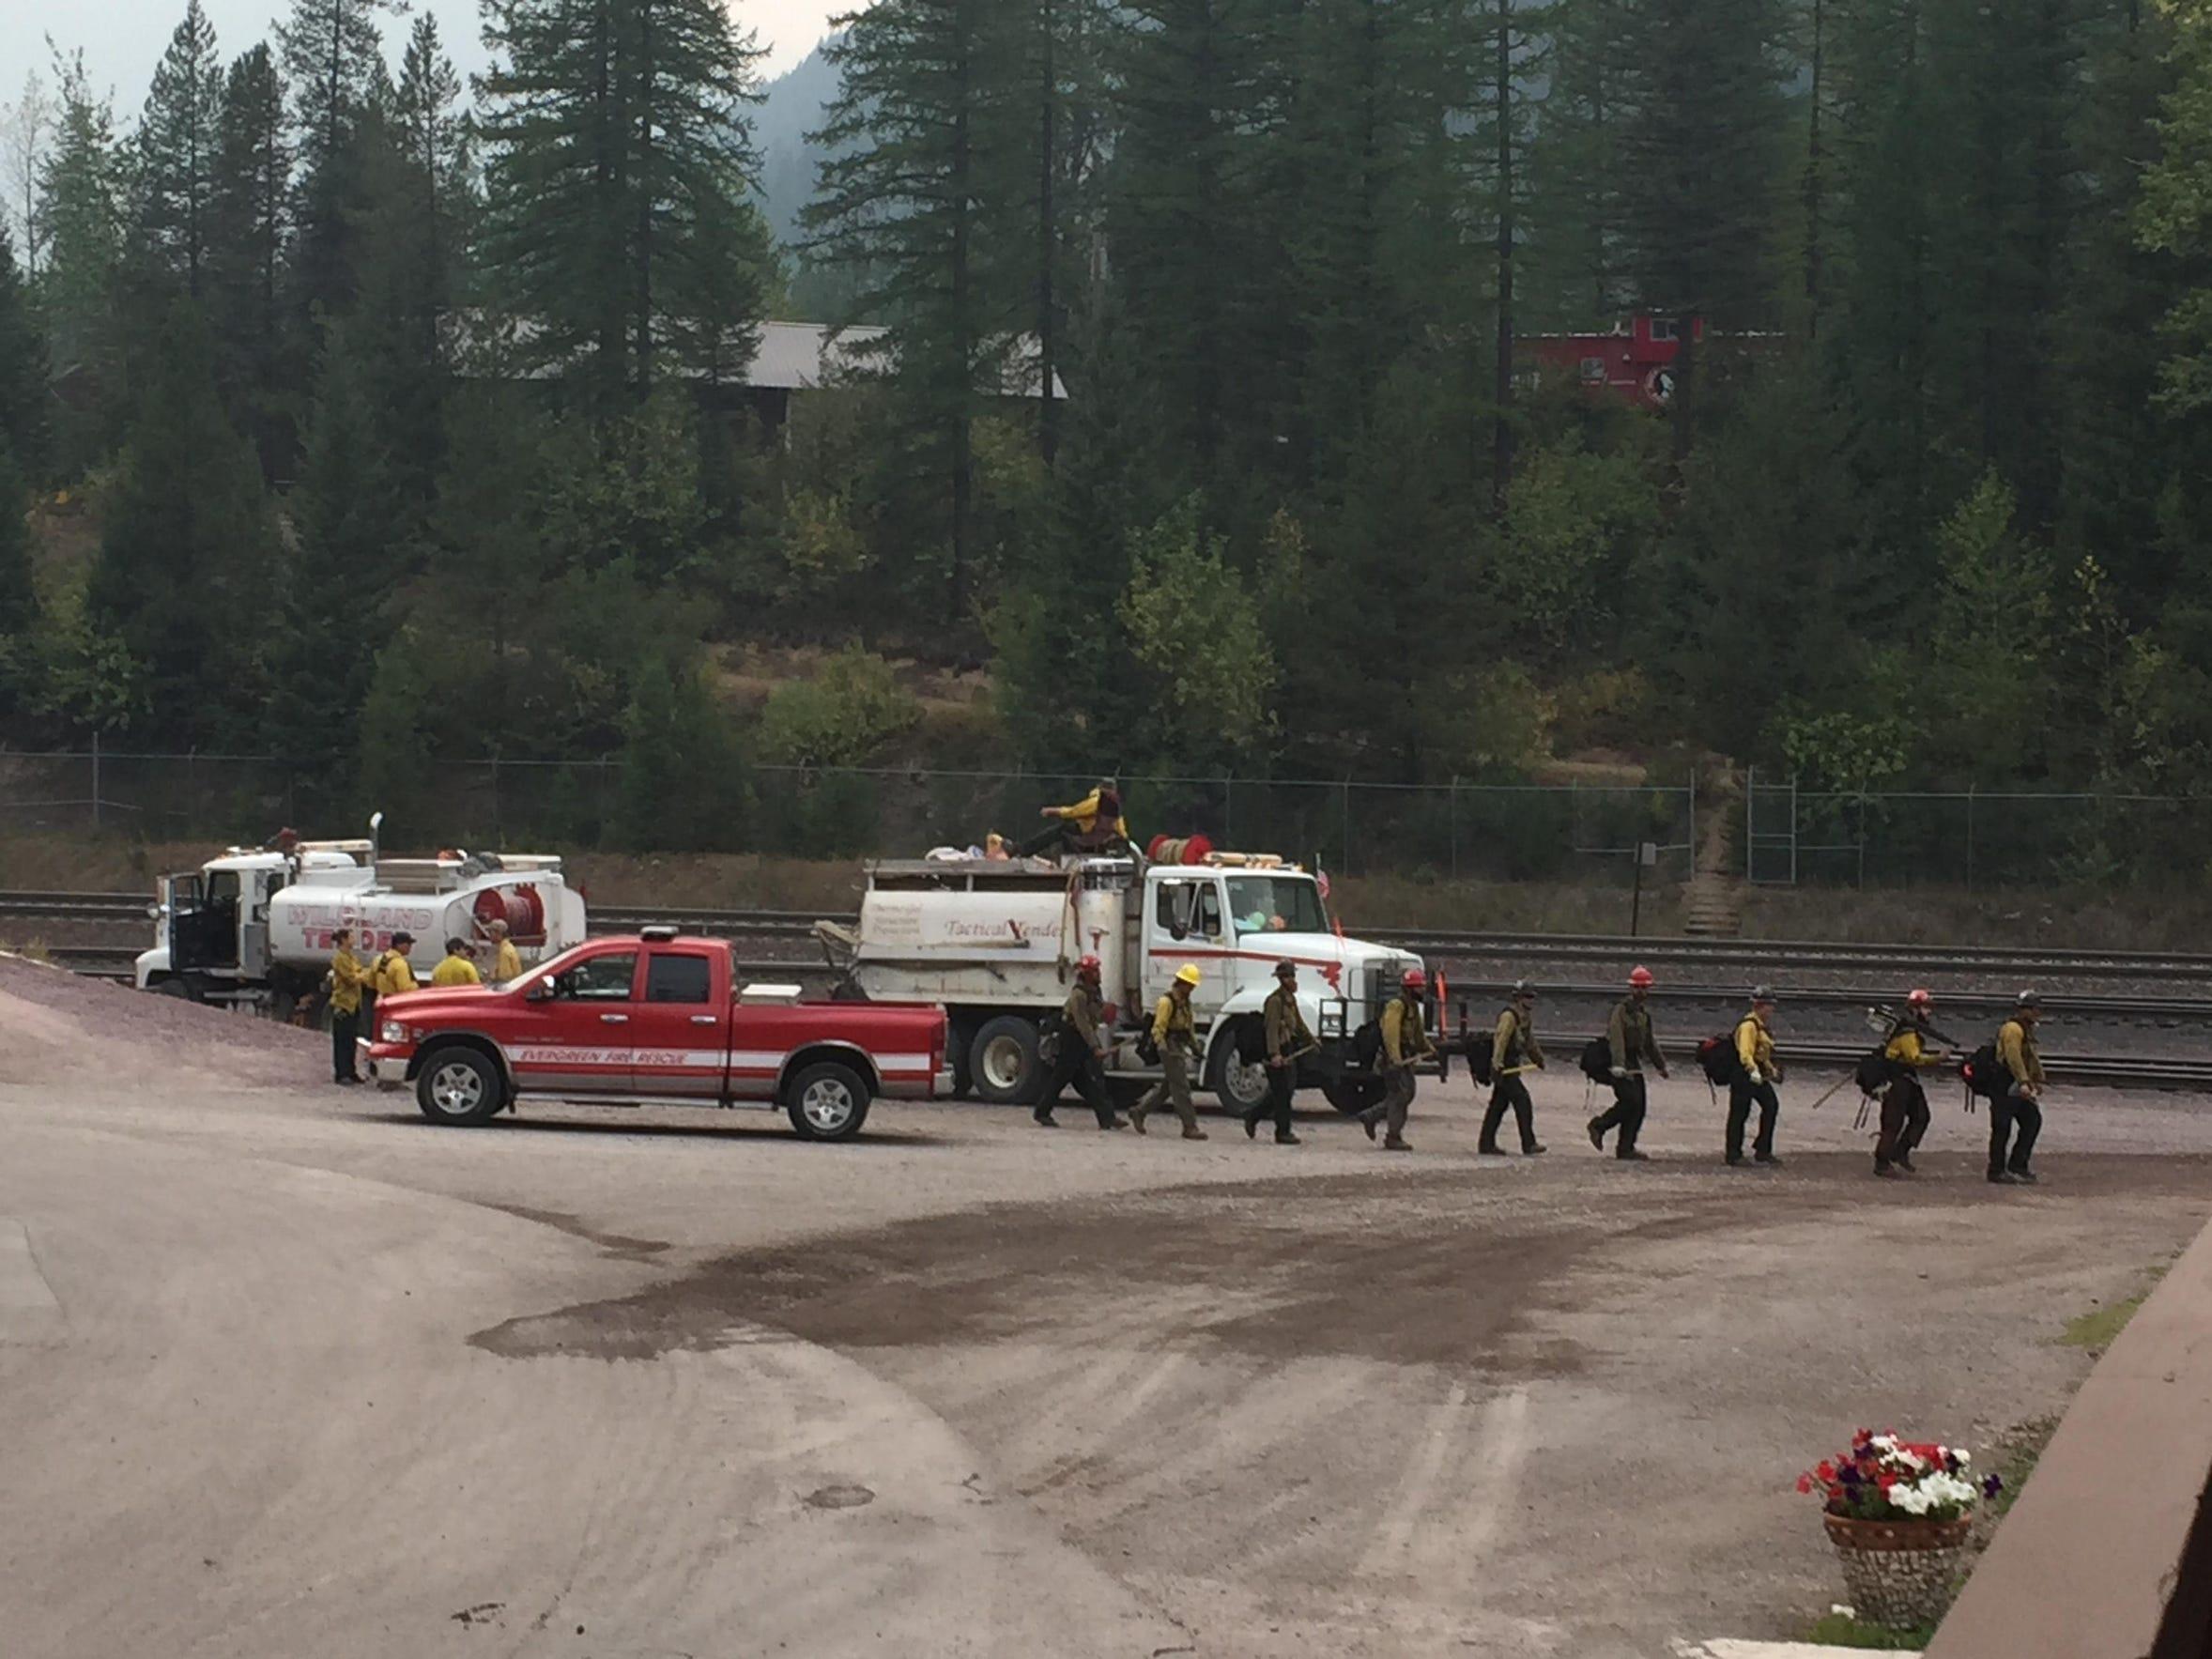 Firefighters walk in front of the Izaak Walton Inn.